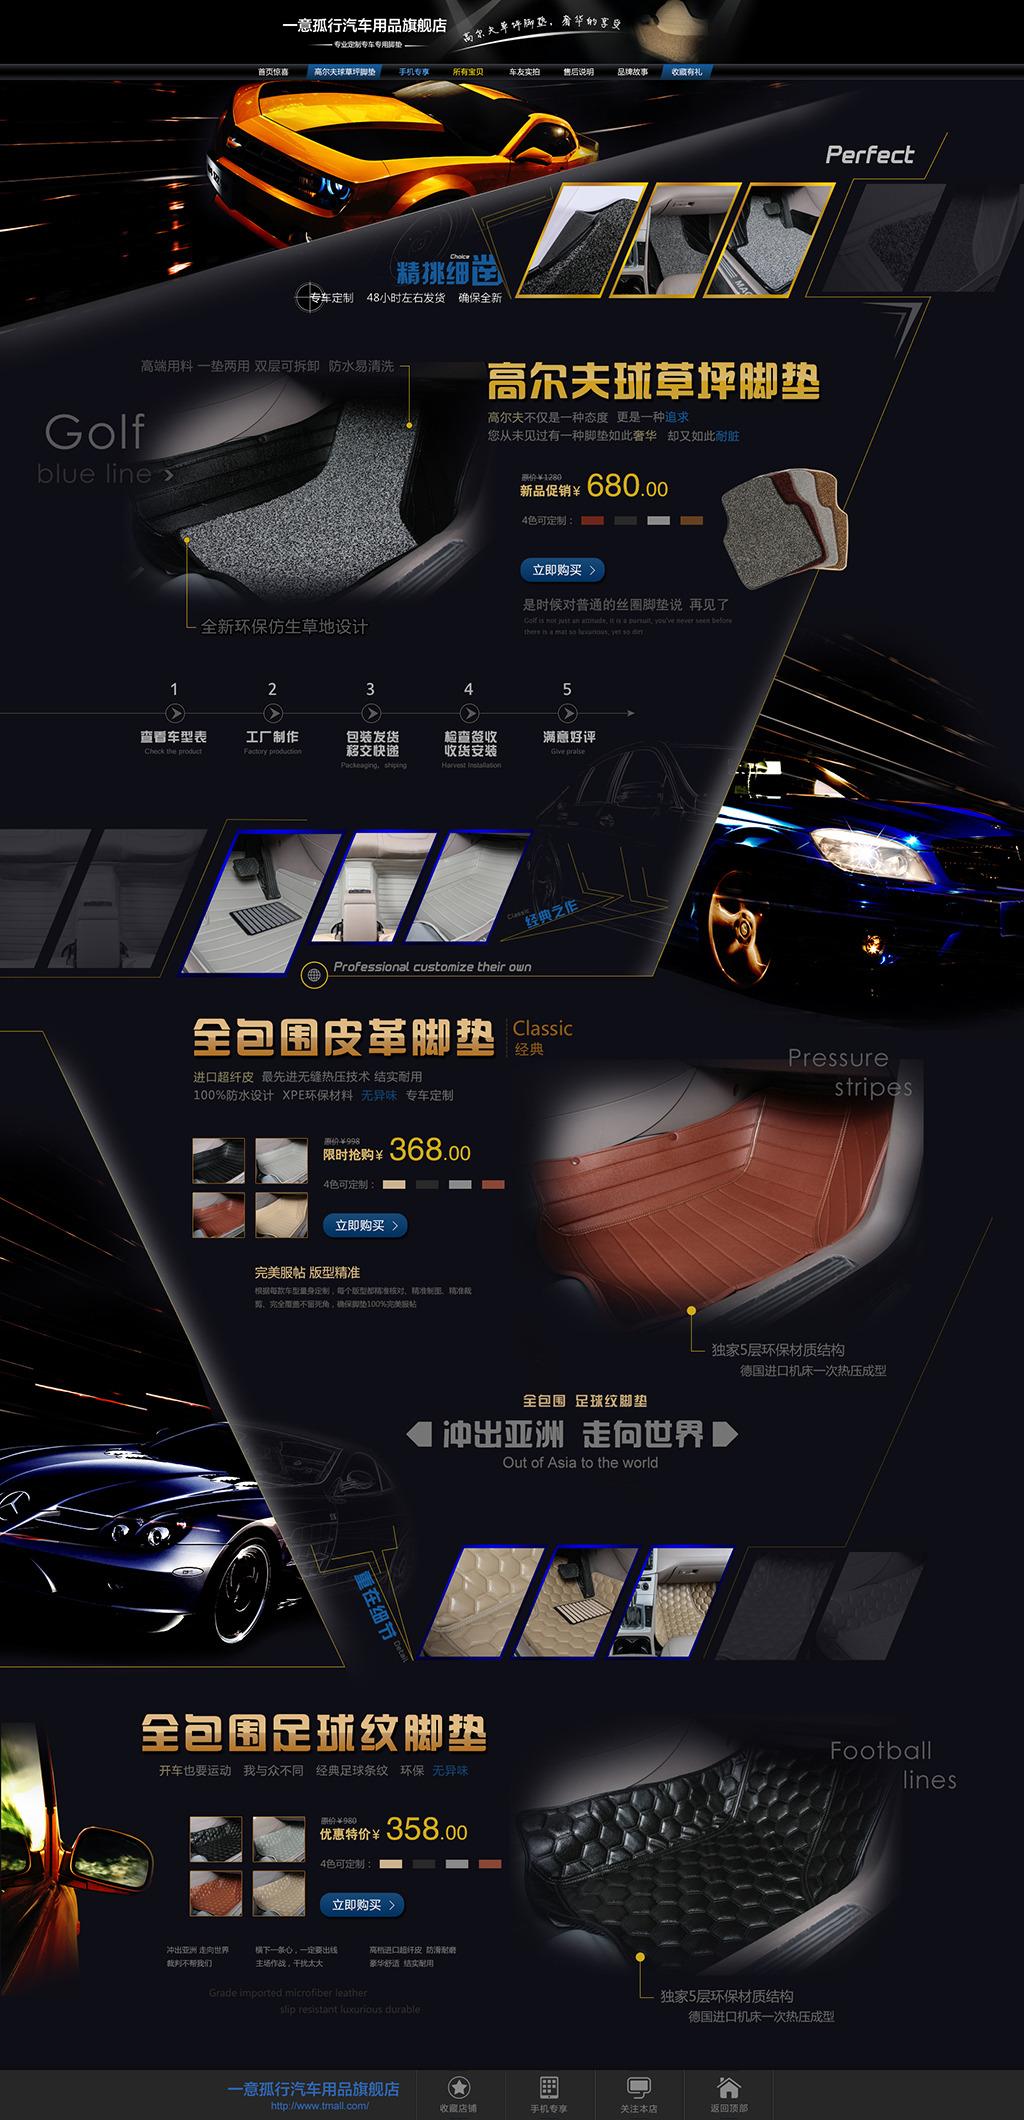 天猫汽车脚垫首页设计店铺装修模板下载(图片编号:)